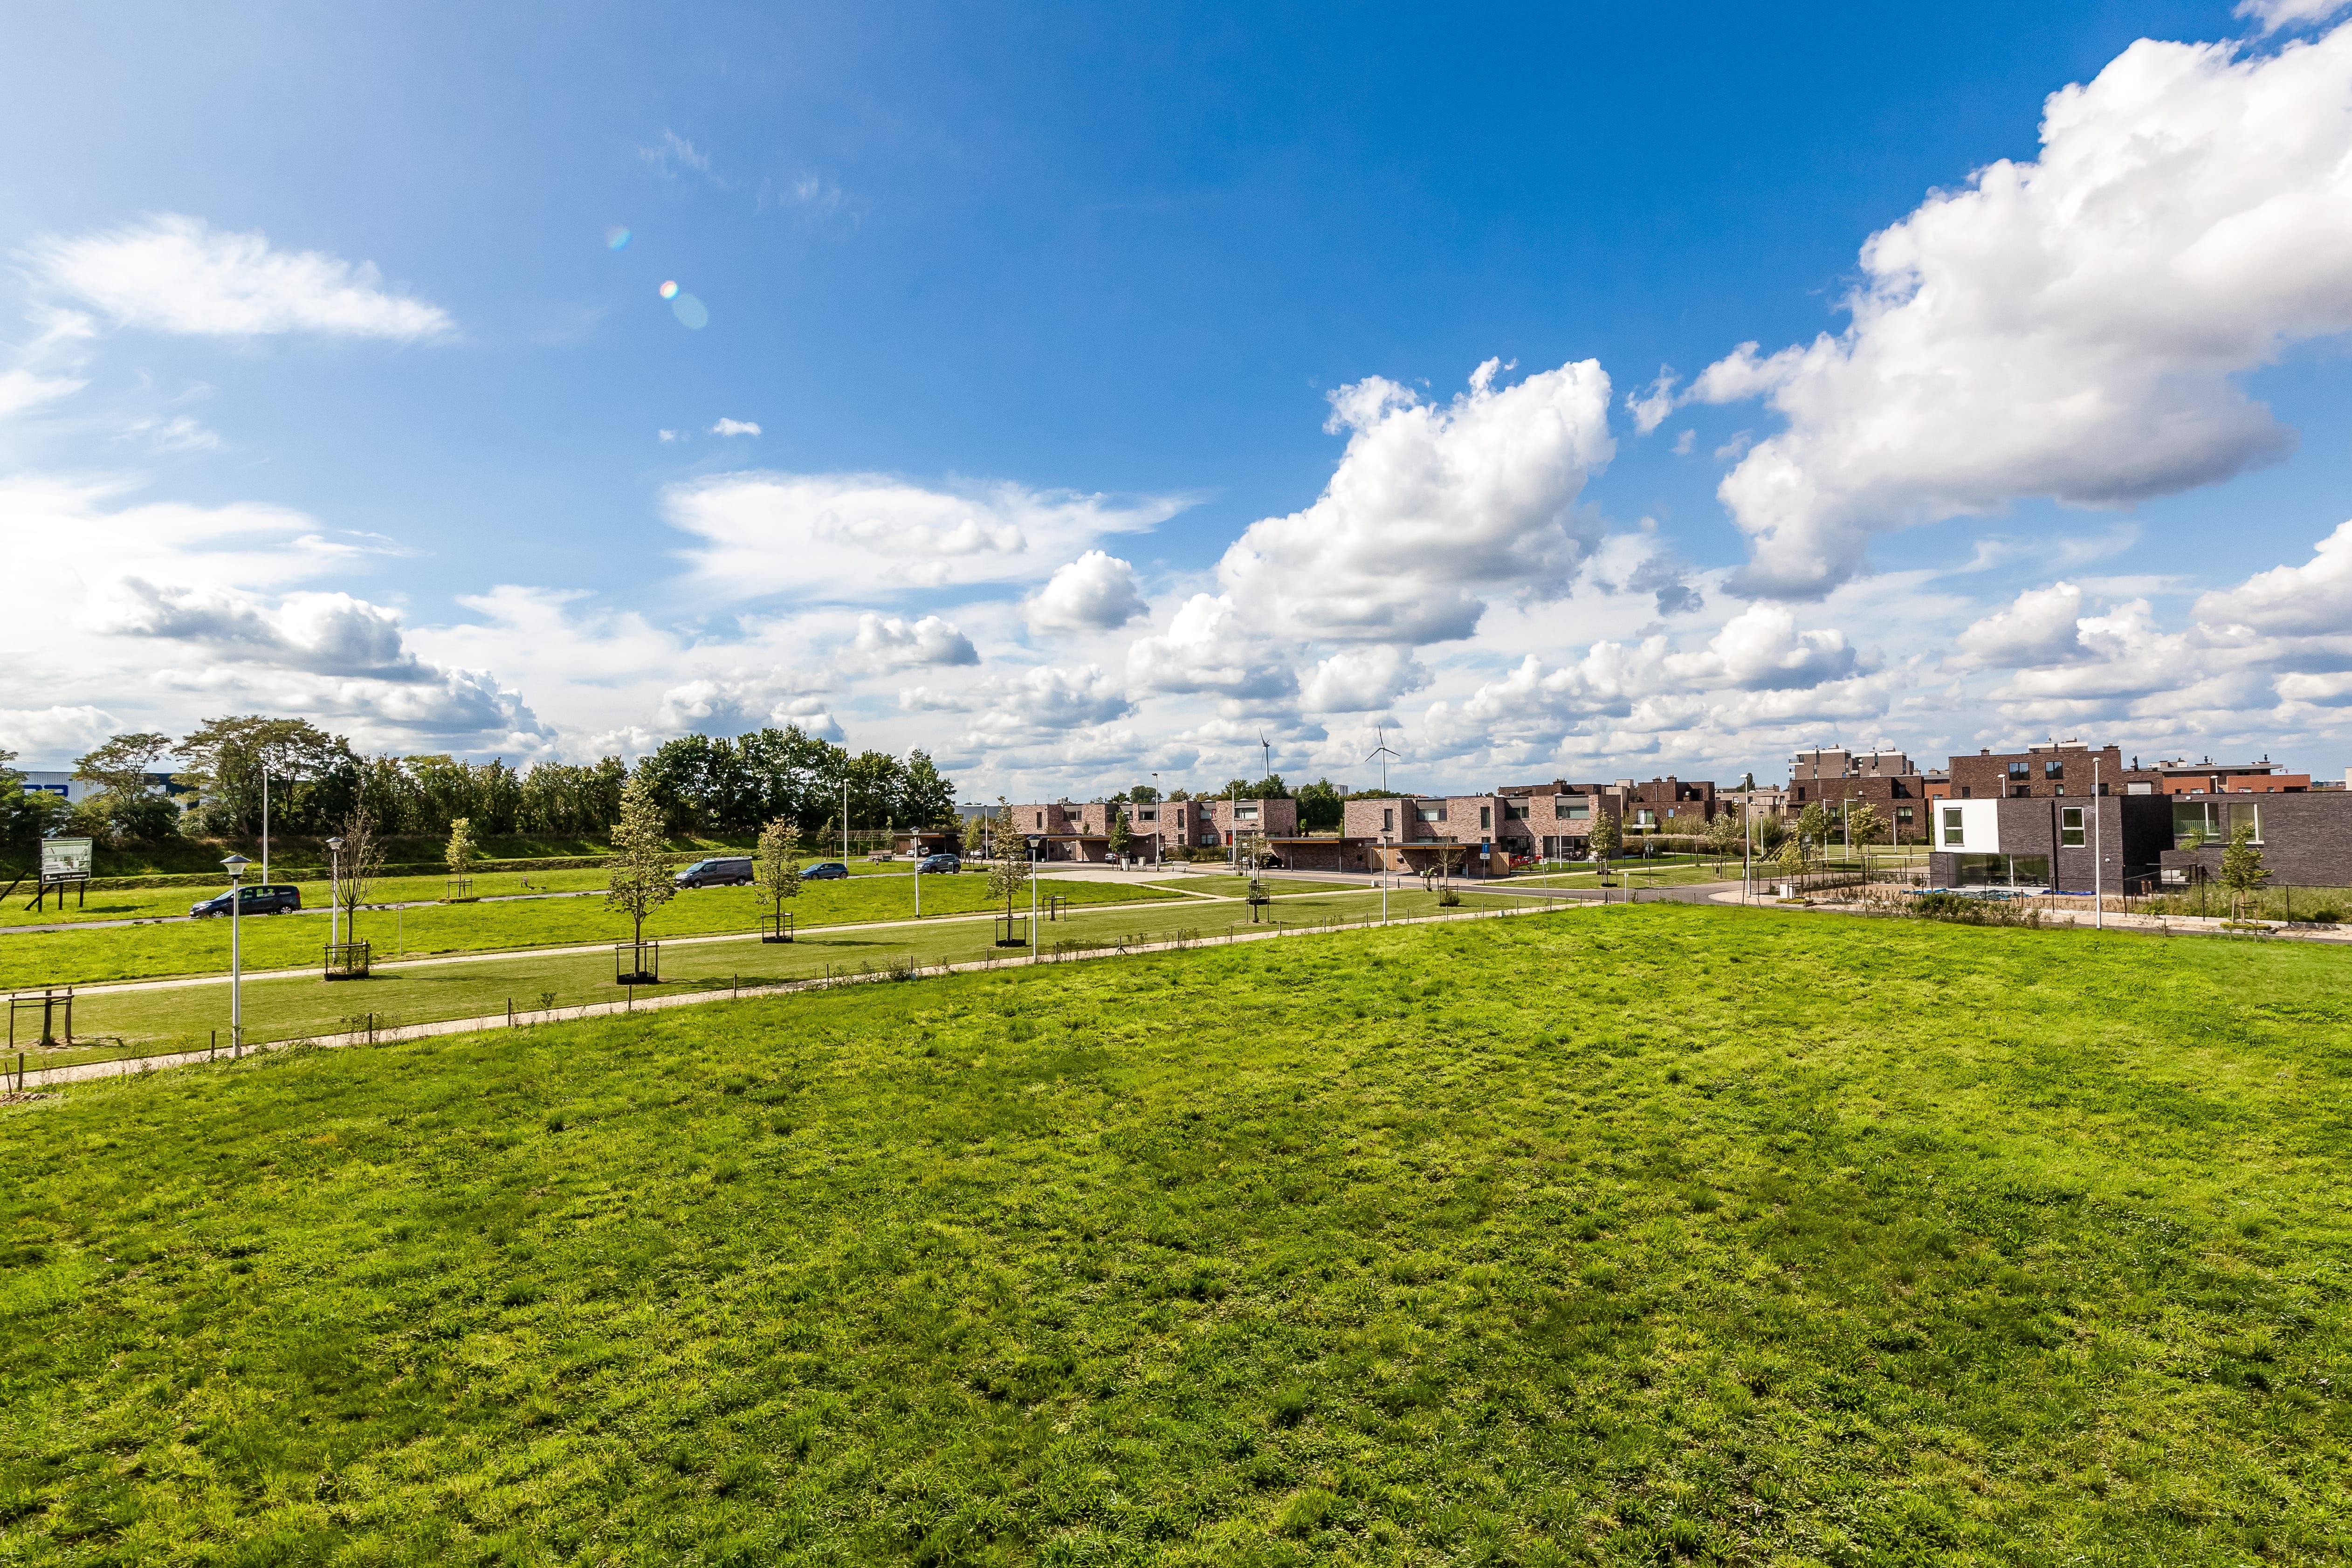 Nieuwe schakelvilla's en bouwgronden in Park Ekkelgarden